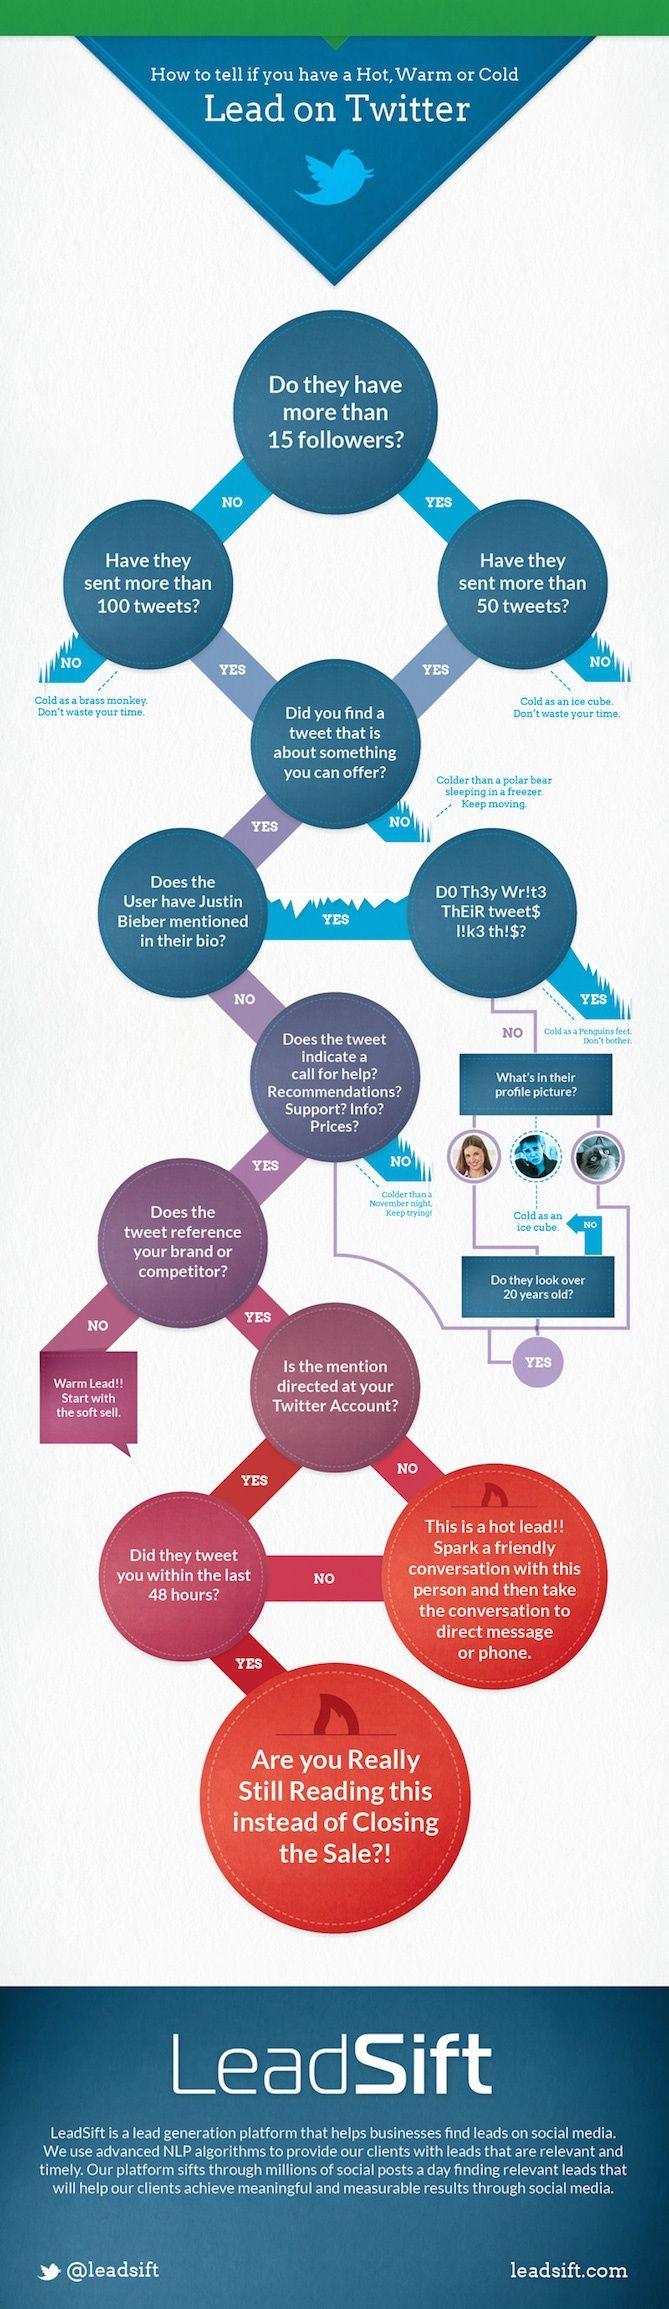 How to Spot a Lead on Twitter [Flowchart], via @HubSpot